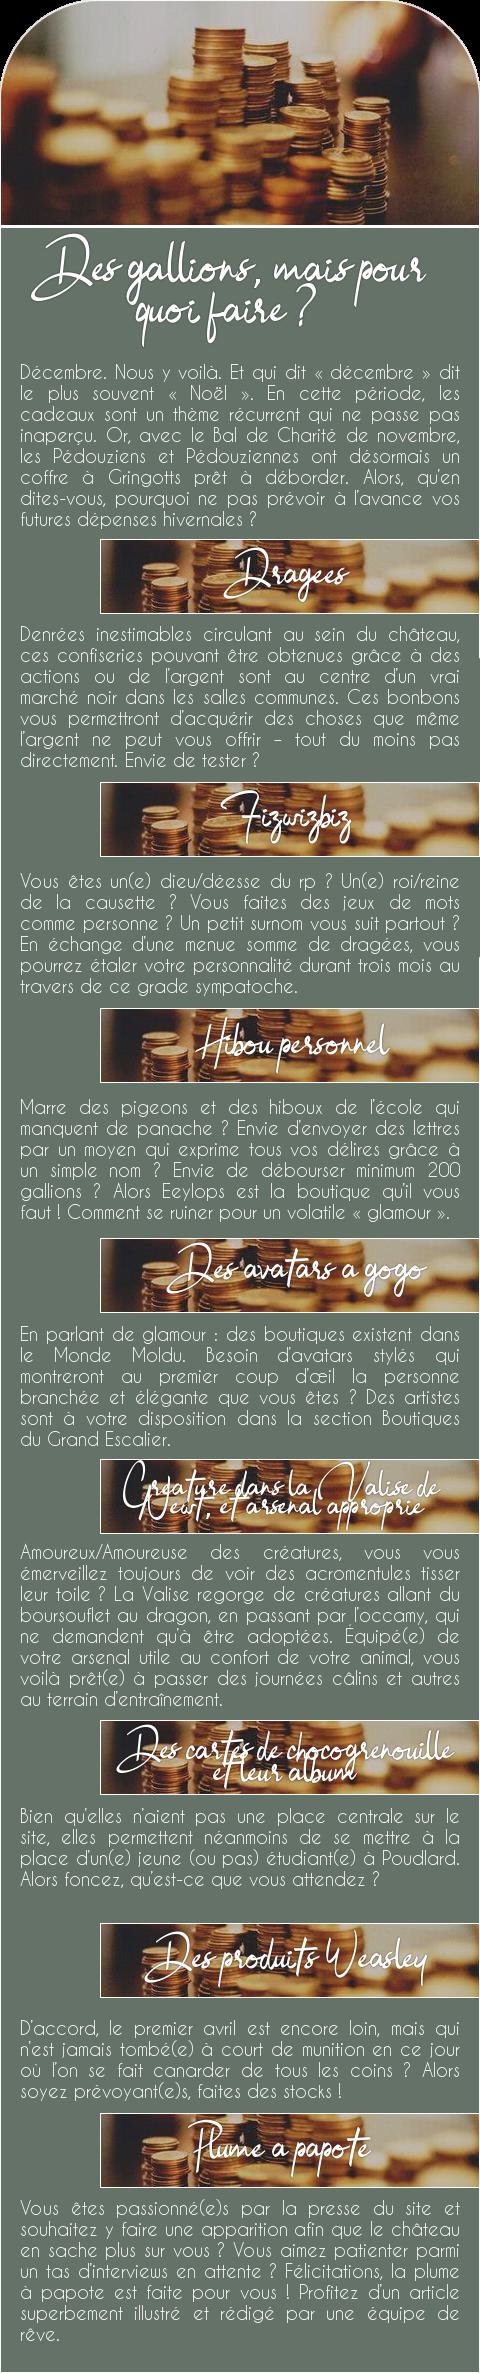 http://gazette.poudlard12.com/public/Elea/Decembre/gallions.png